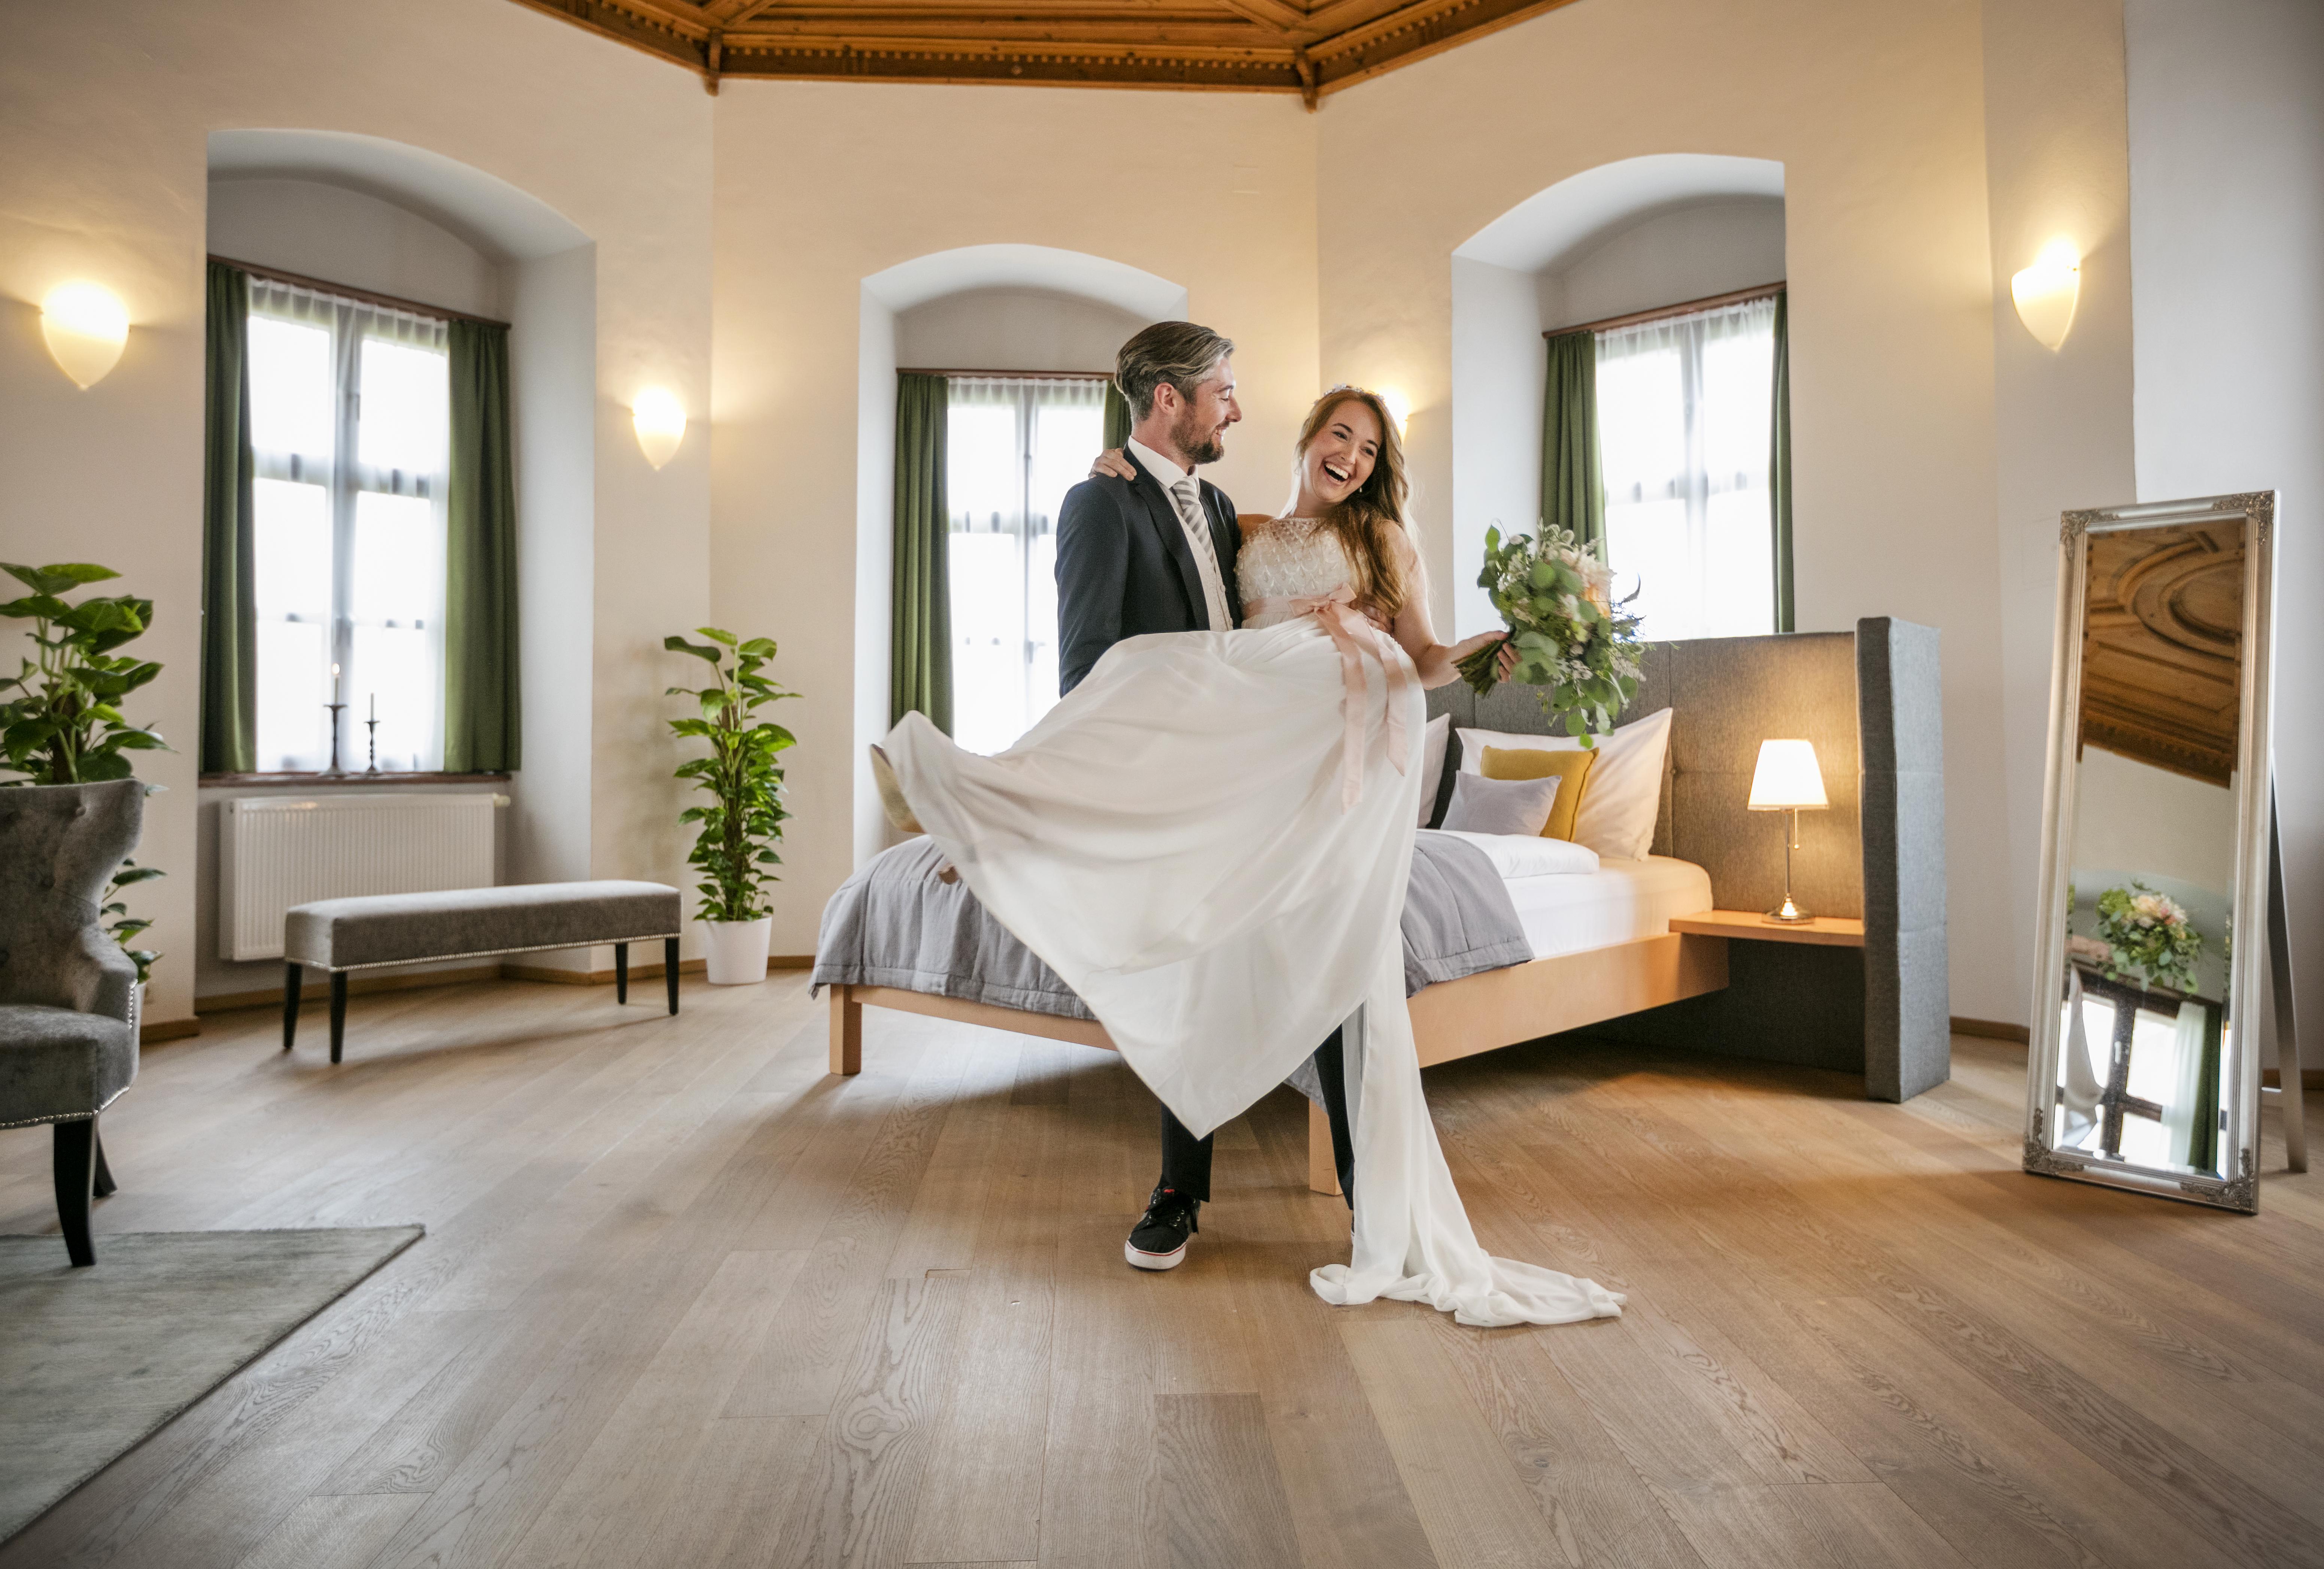 Sie sehen ein Brautpaar im Hochzeitszimmer des JUFA Hotel Schloss Röthelstein/Admont***. Der Ort für märchenhafte Hochzeiten und erfolgreiche und kreative Seminare.